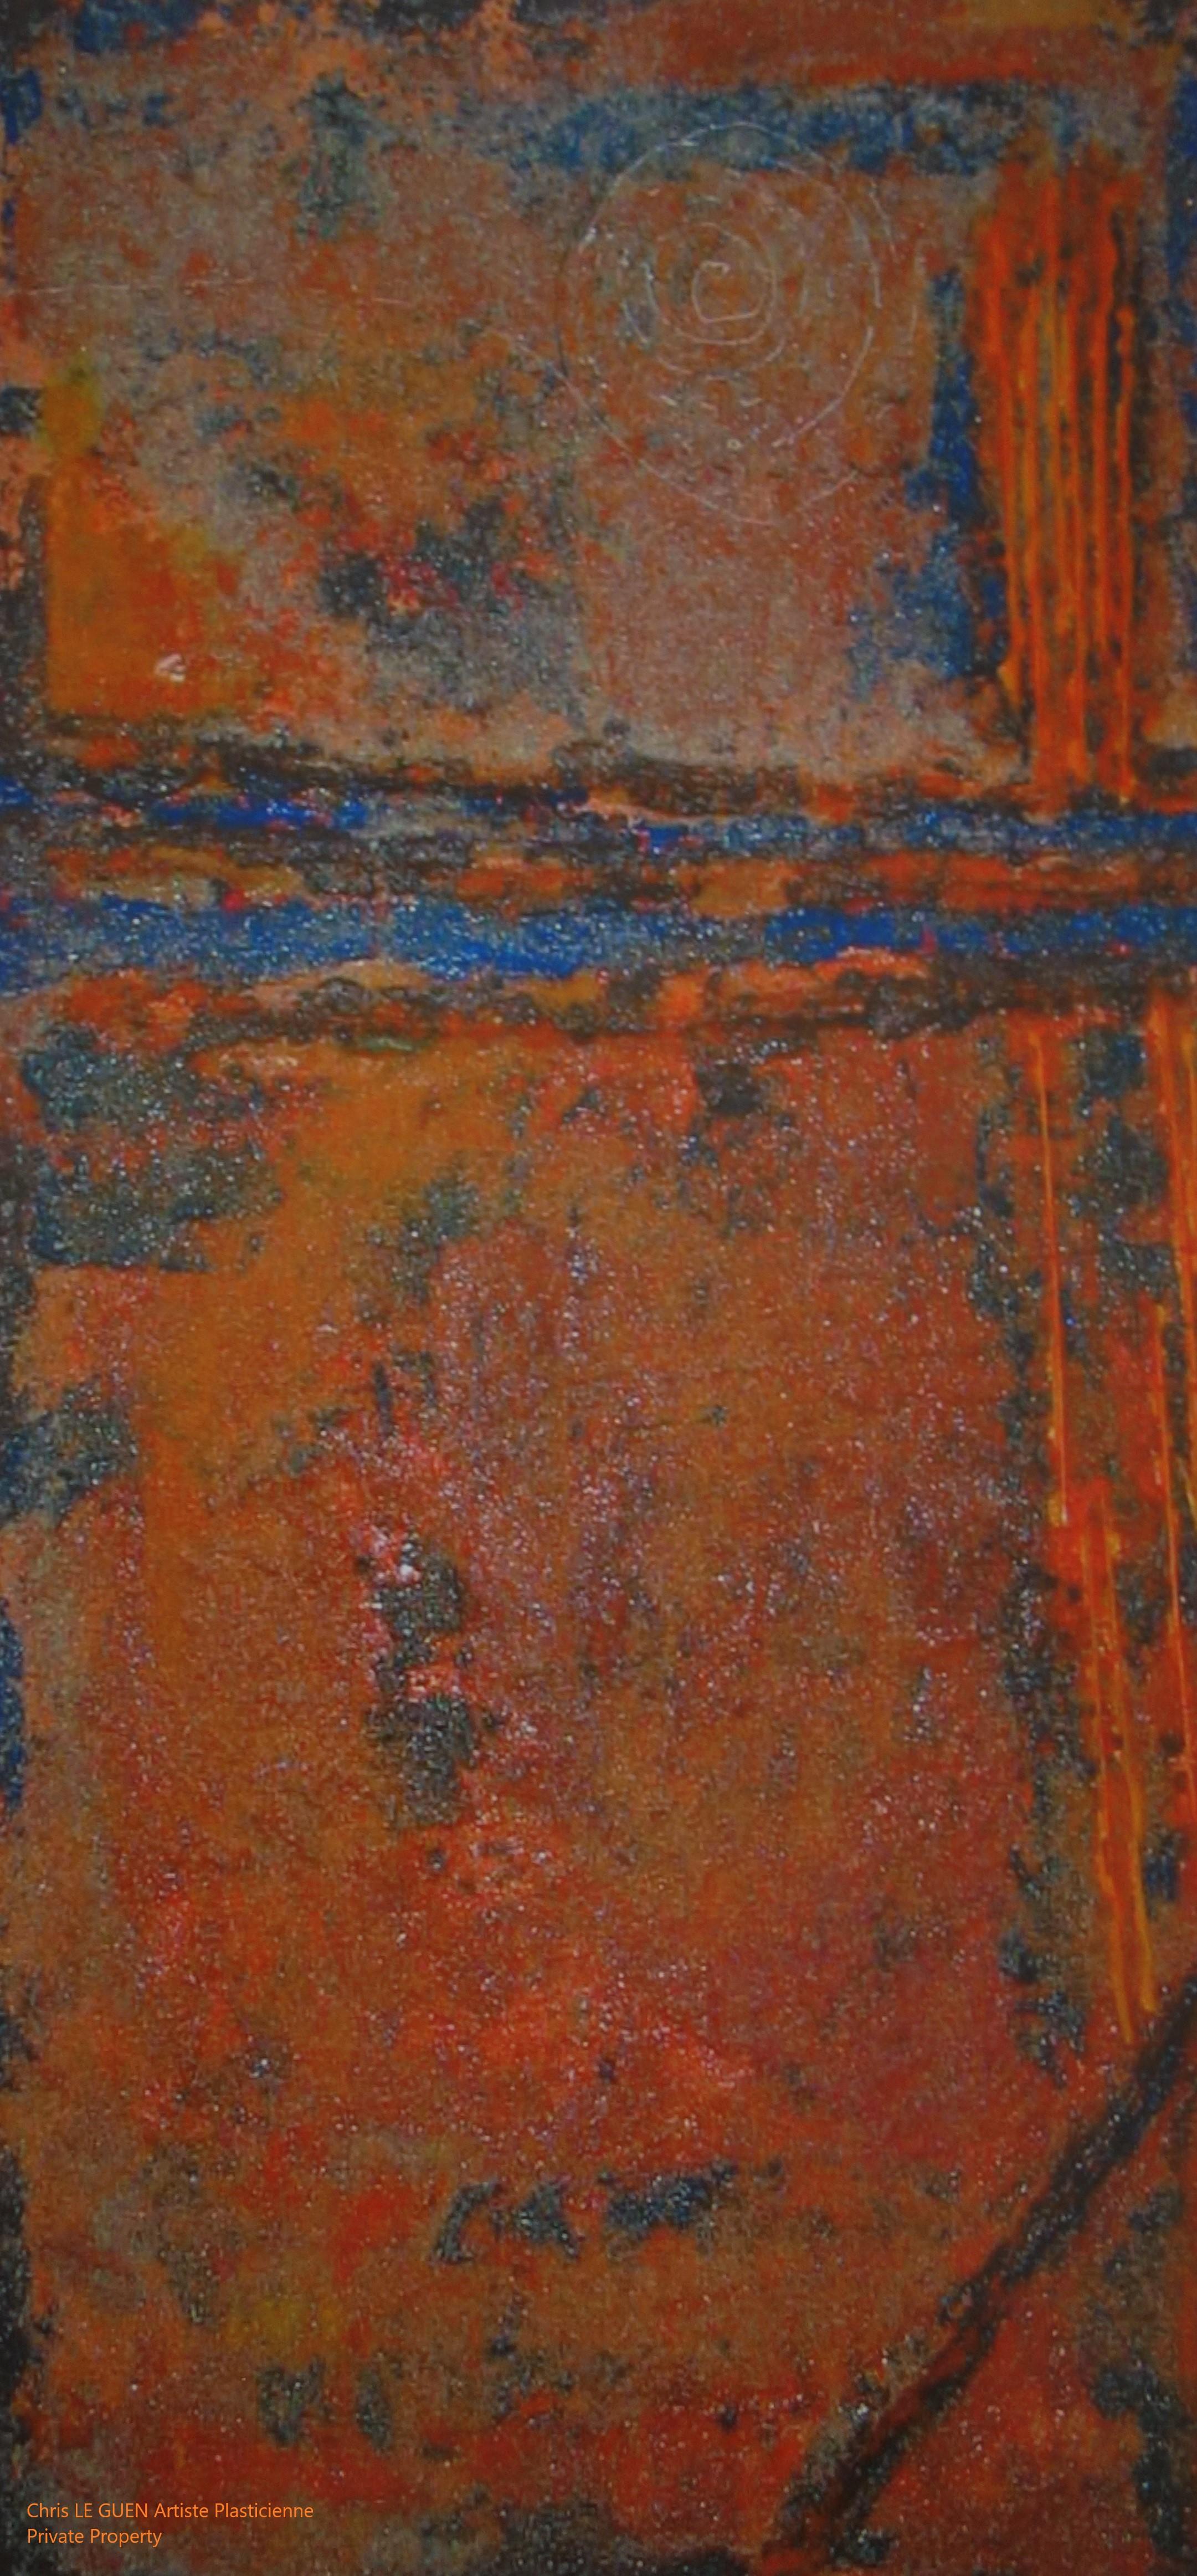 Chris Le Guen Artiste Plasticienne Peintre et Sculptrice peint N°33-3